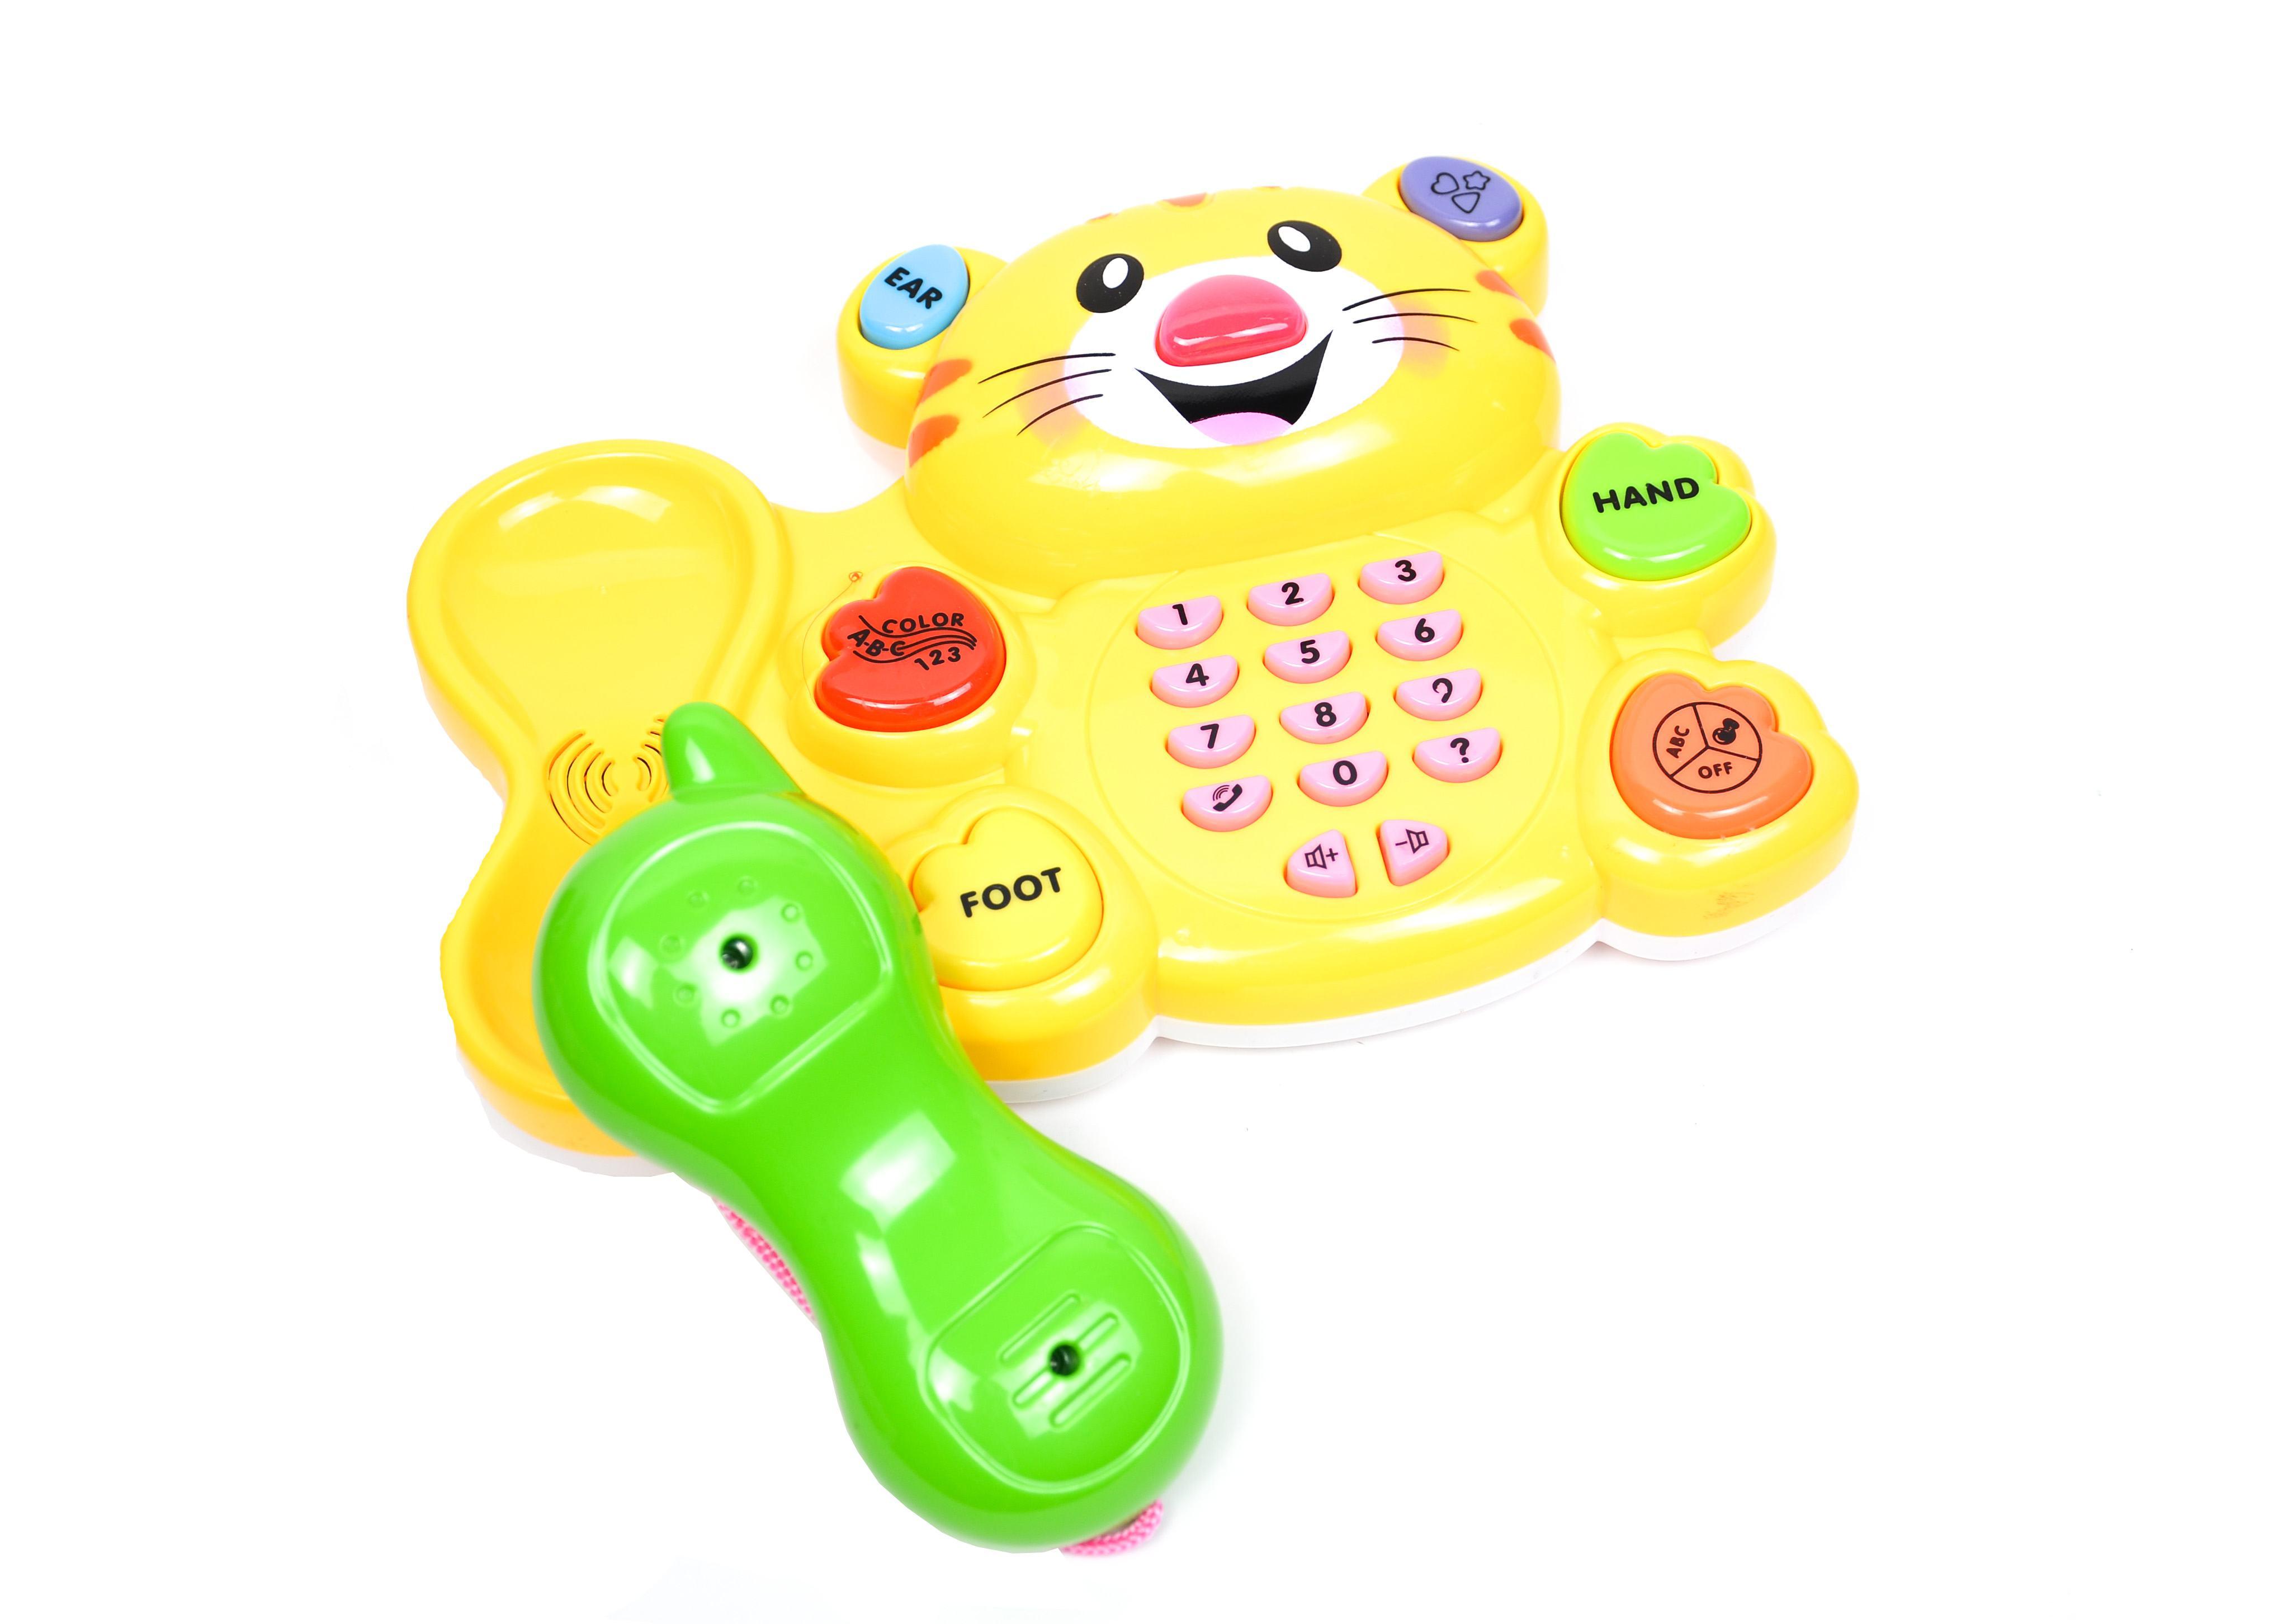 Telefon de jucarie pentru copii - educational - 9911